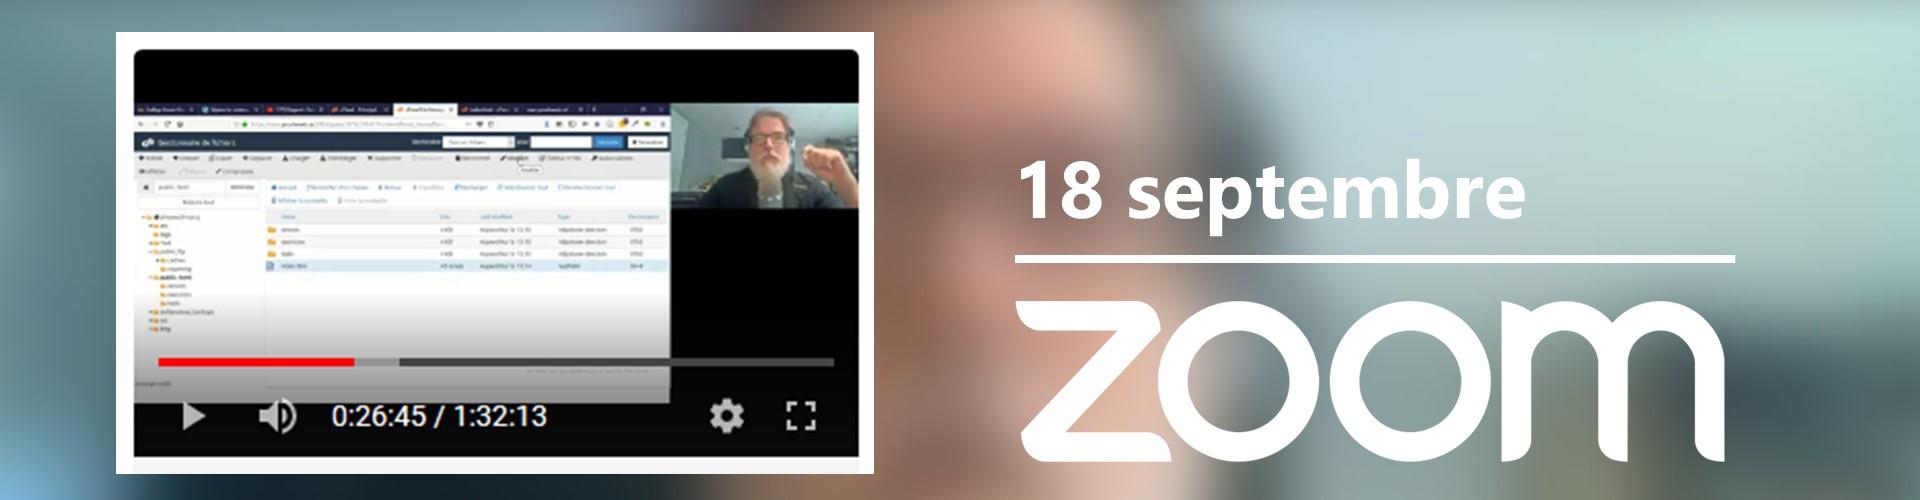 Rencontre du 18 septembre sur Zoom